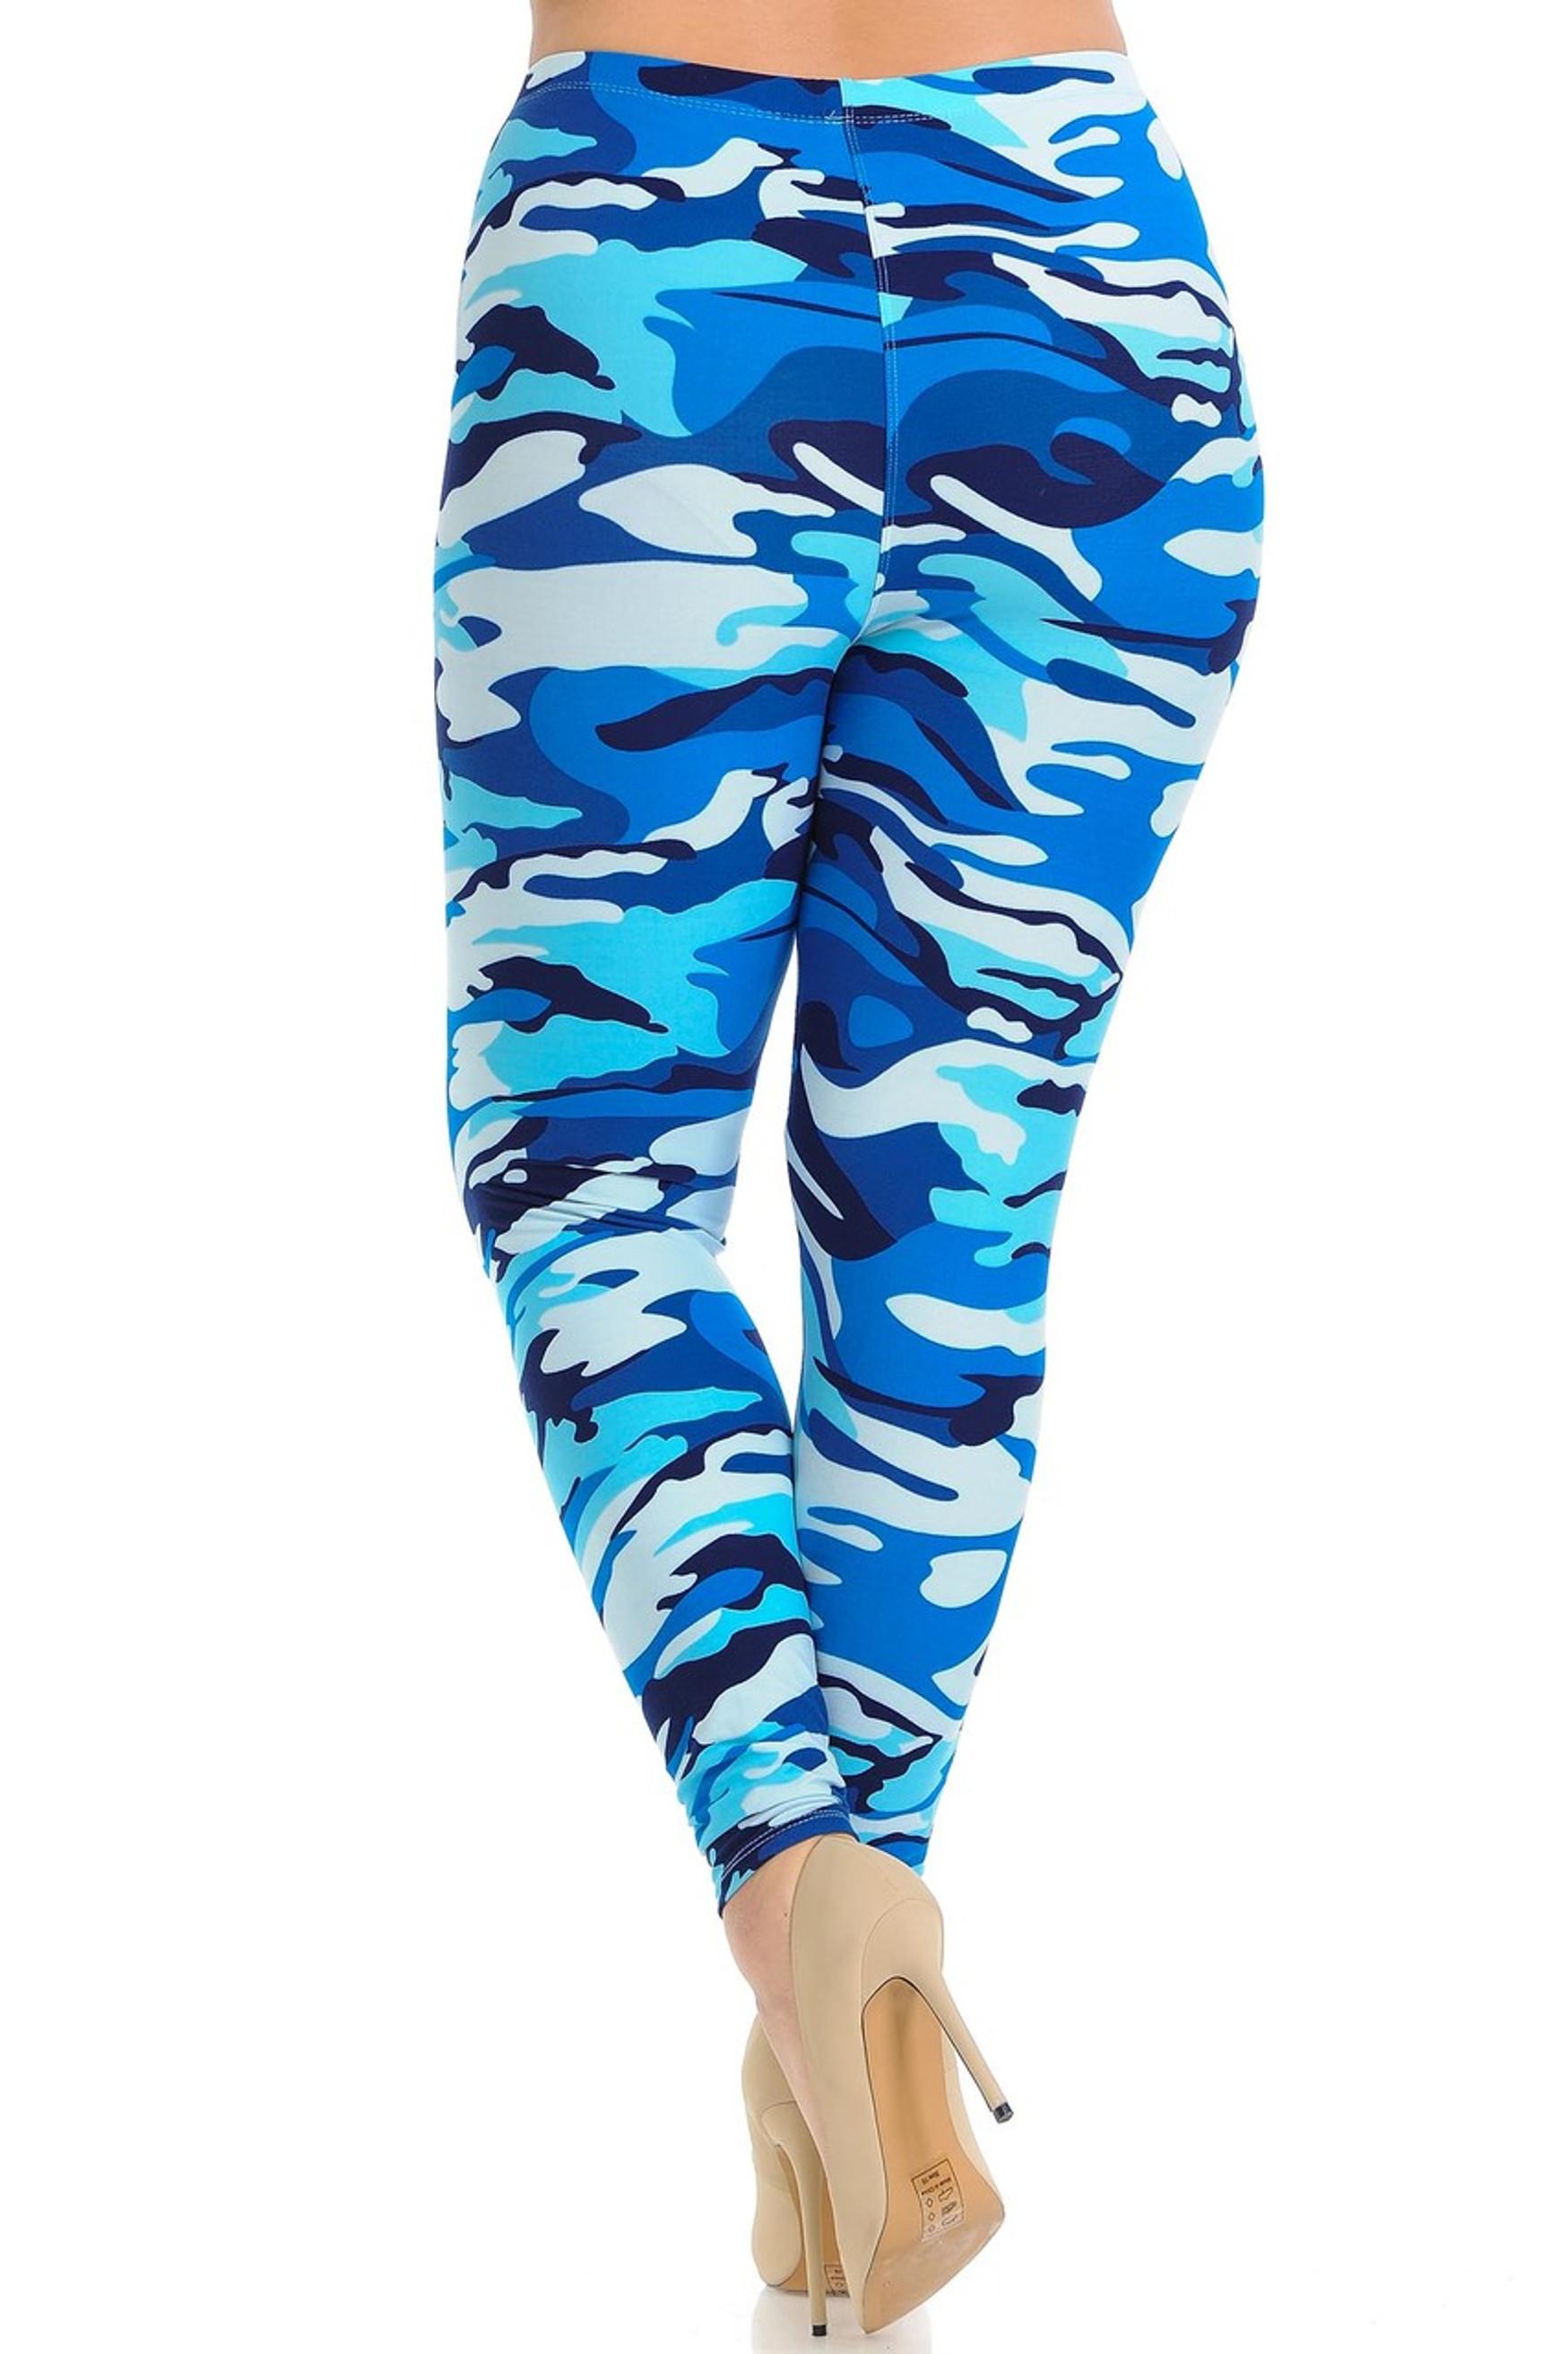 Brushed  Blue Camouflage Extra Plus Size Leggings - 3X-5X